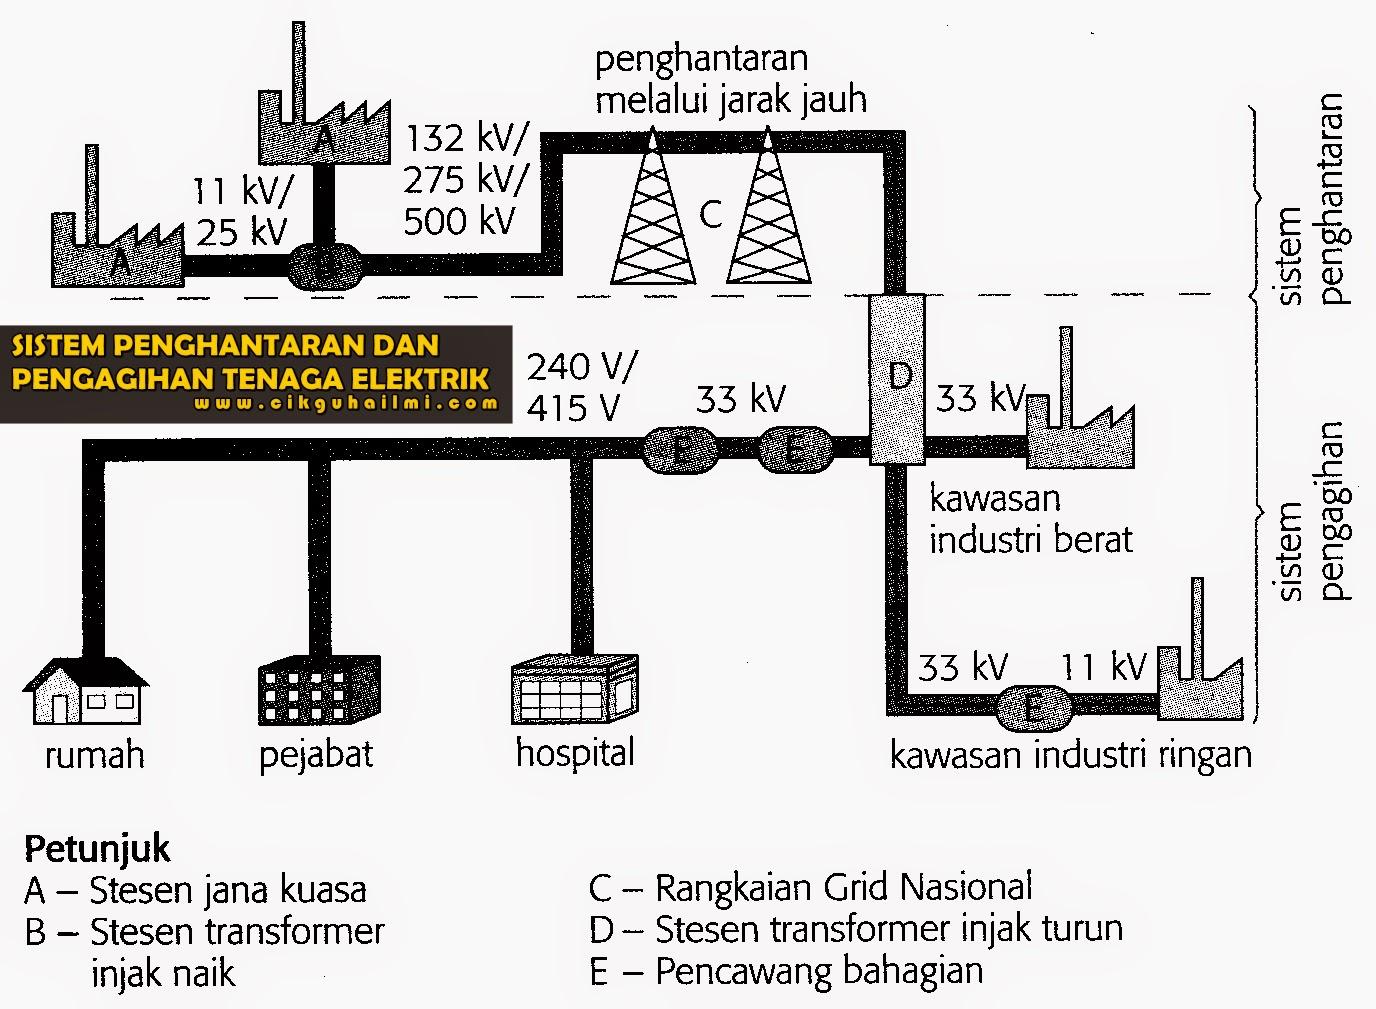 Sistem Penghantaran dan Pengagihan Tenaga Elektrik di Malaysia